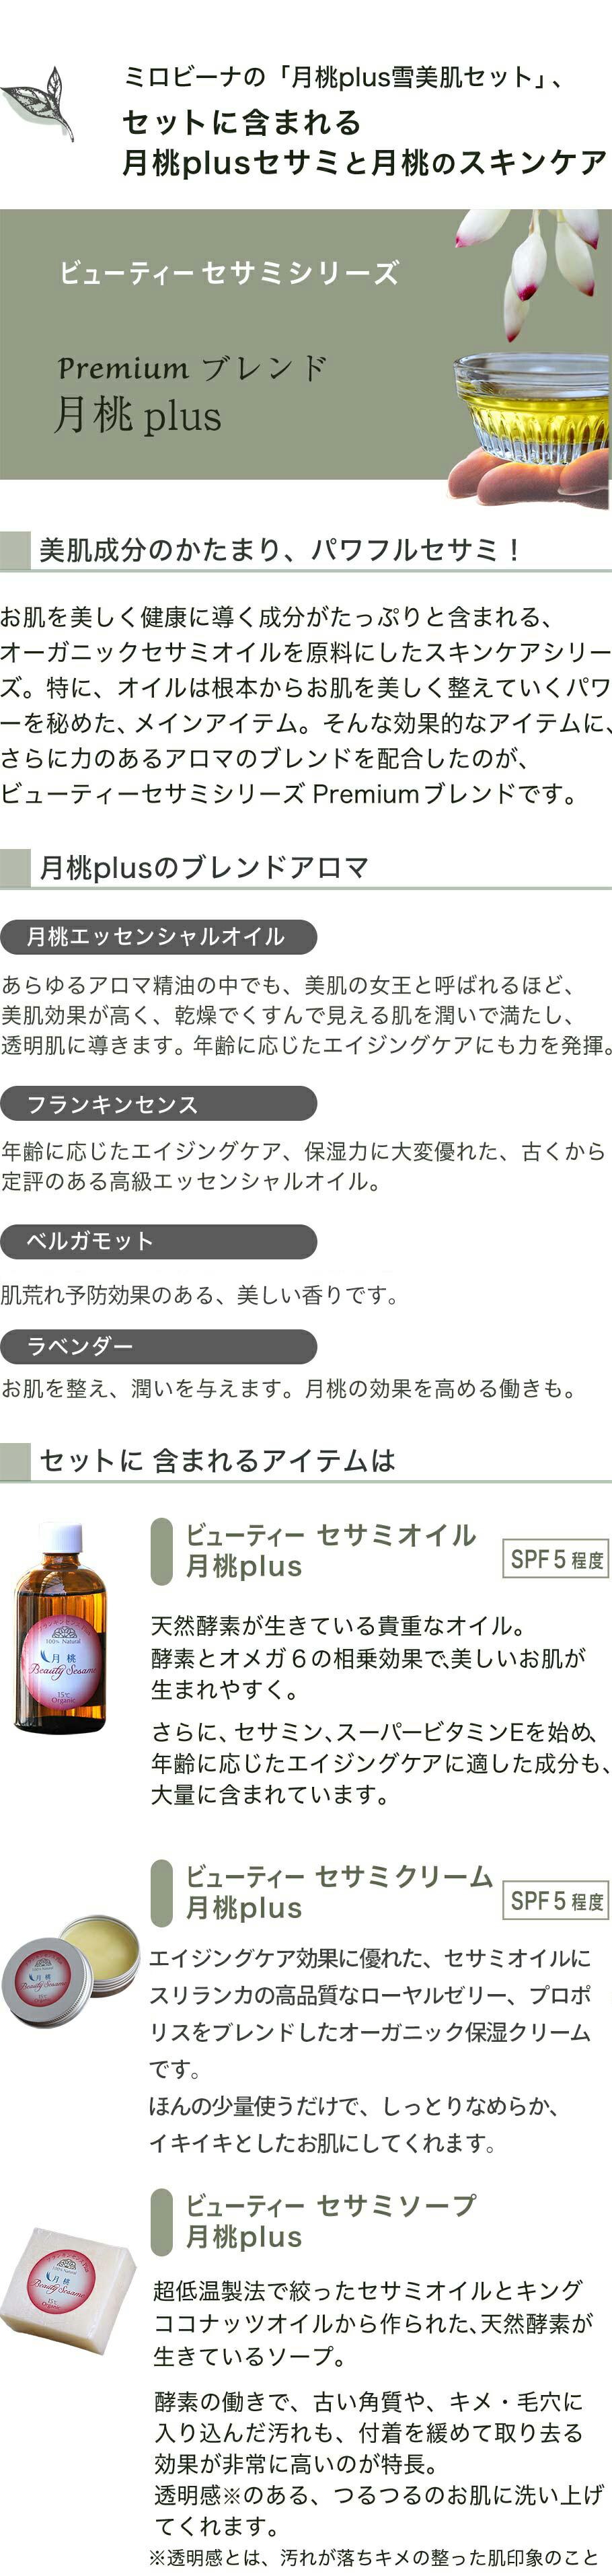 月桃plusセサミシリーズ